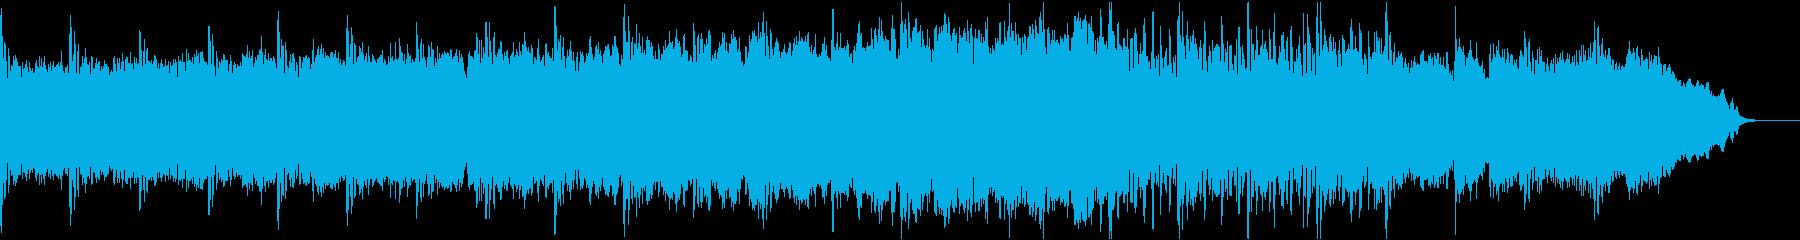 感動的・ピアノ&ストリングス&Percの再生済みの波形